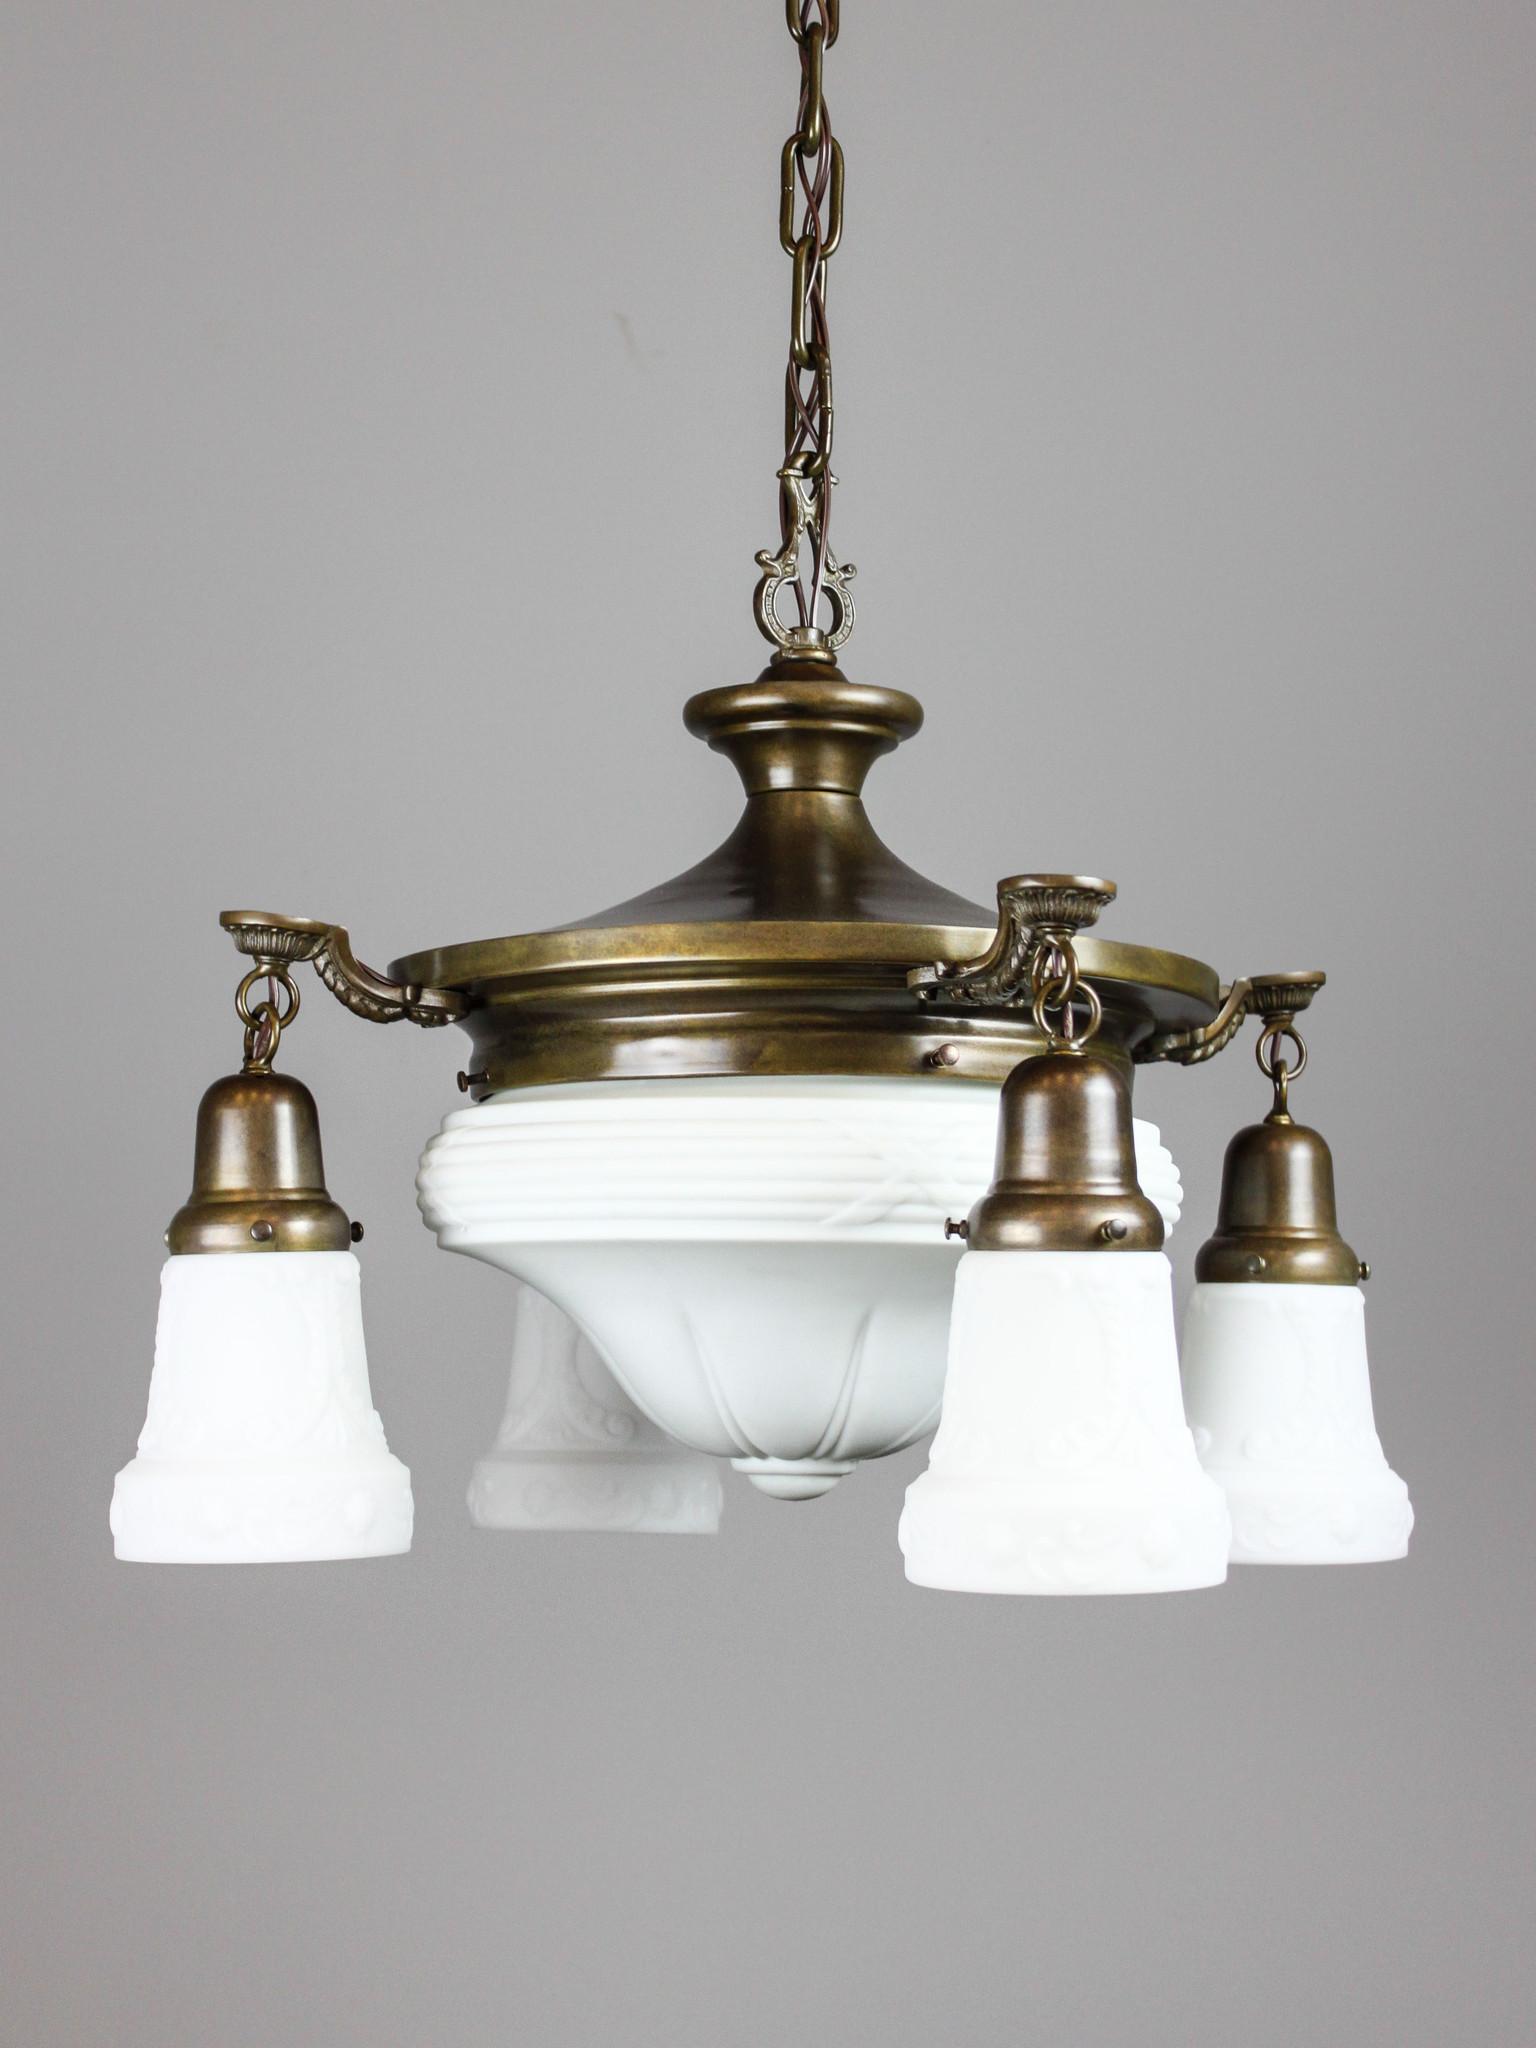 Antique Colonial Revival Pan Light Fixture 4 1 Light